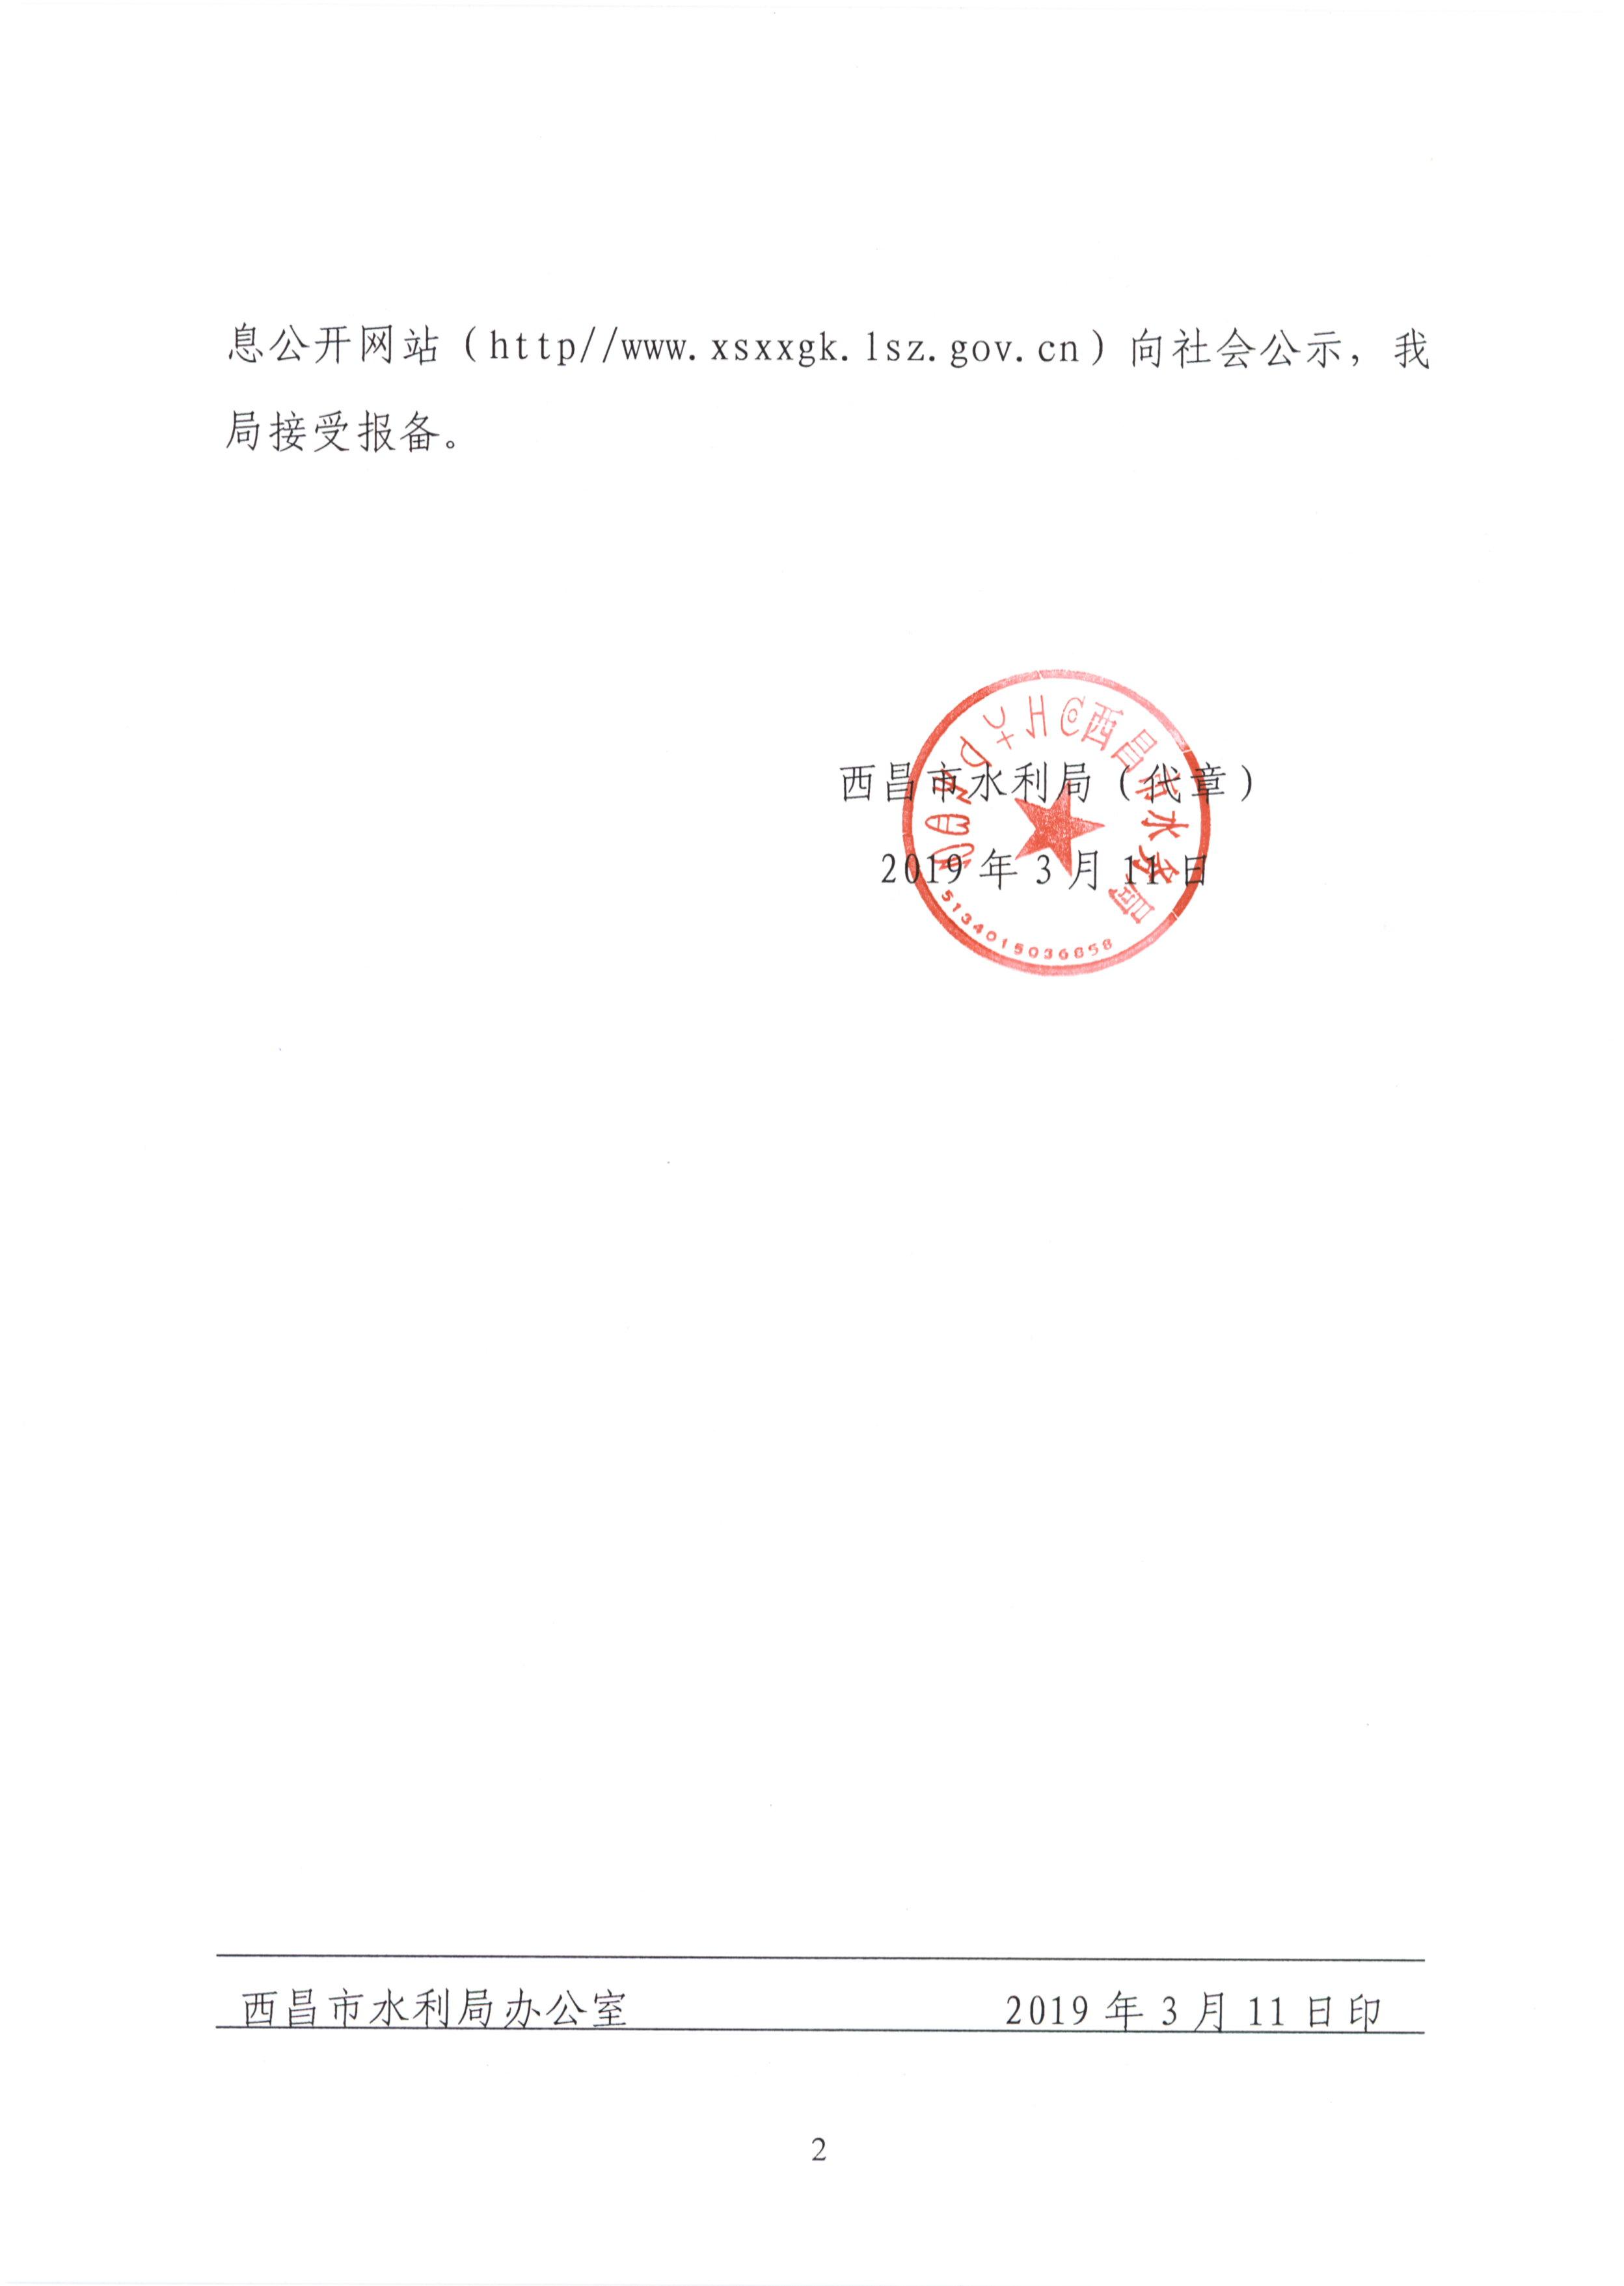 西昌市马道至裕隆安宁河大桥建设工程验收 批复_页面_2.jpg